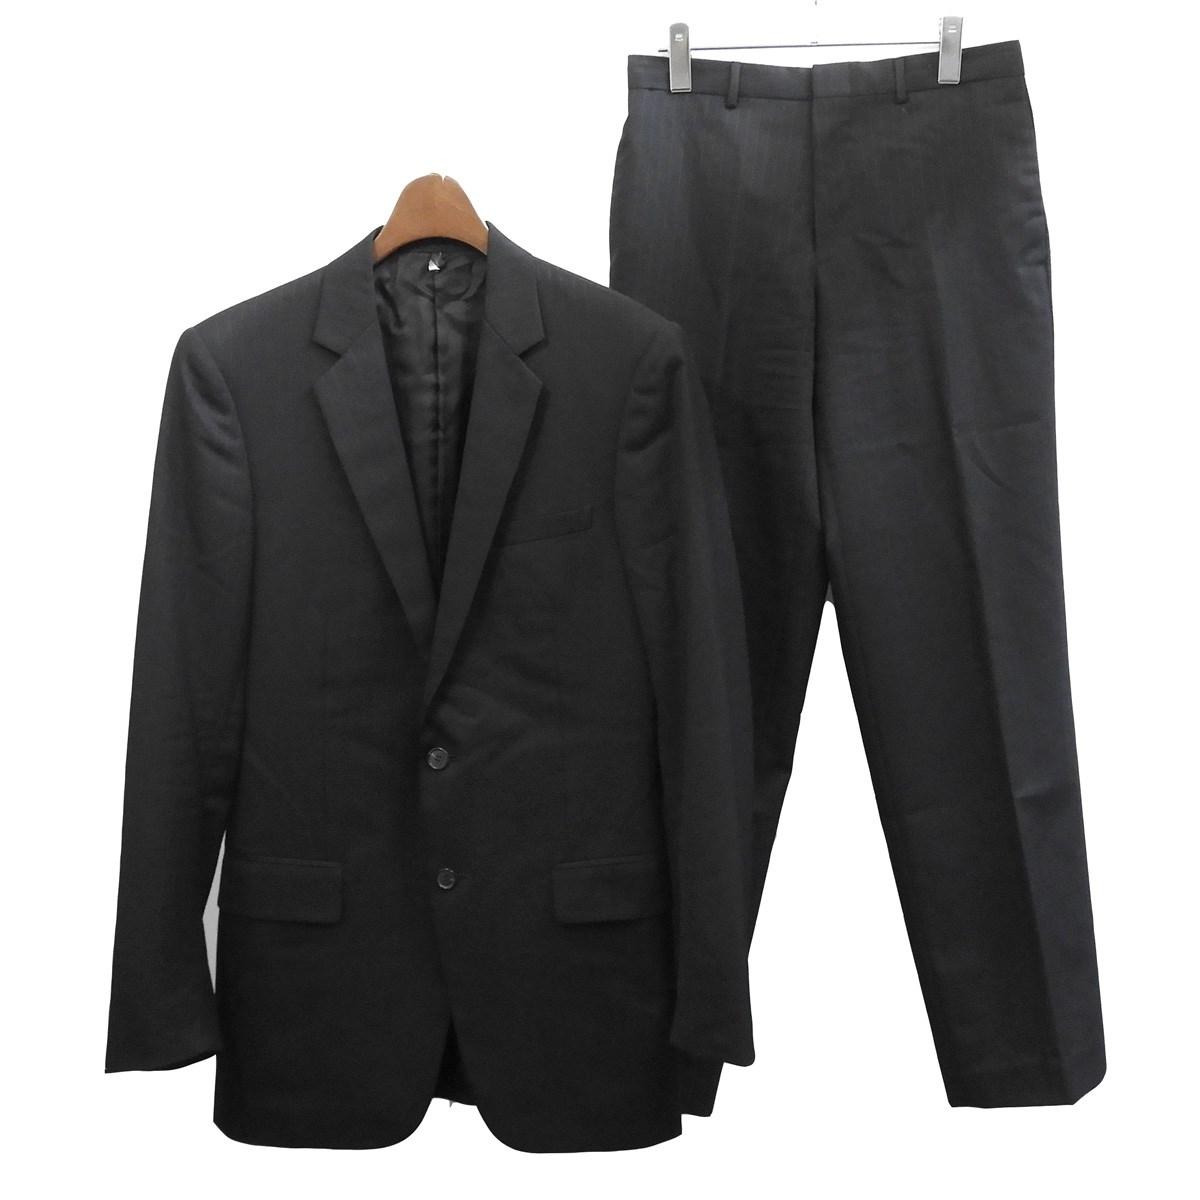 【中古】Dior Homme 2002SS ストライプセットアップスーツ ブラック サイズ:46/46 【201019】(ディオールオム)